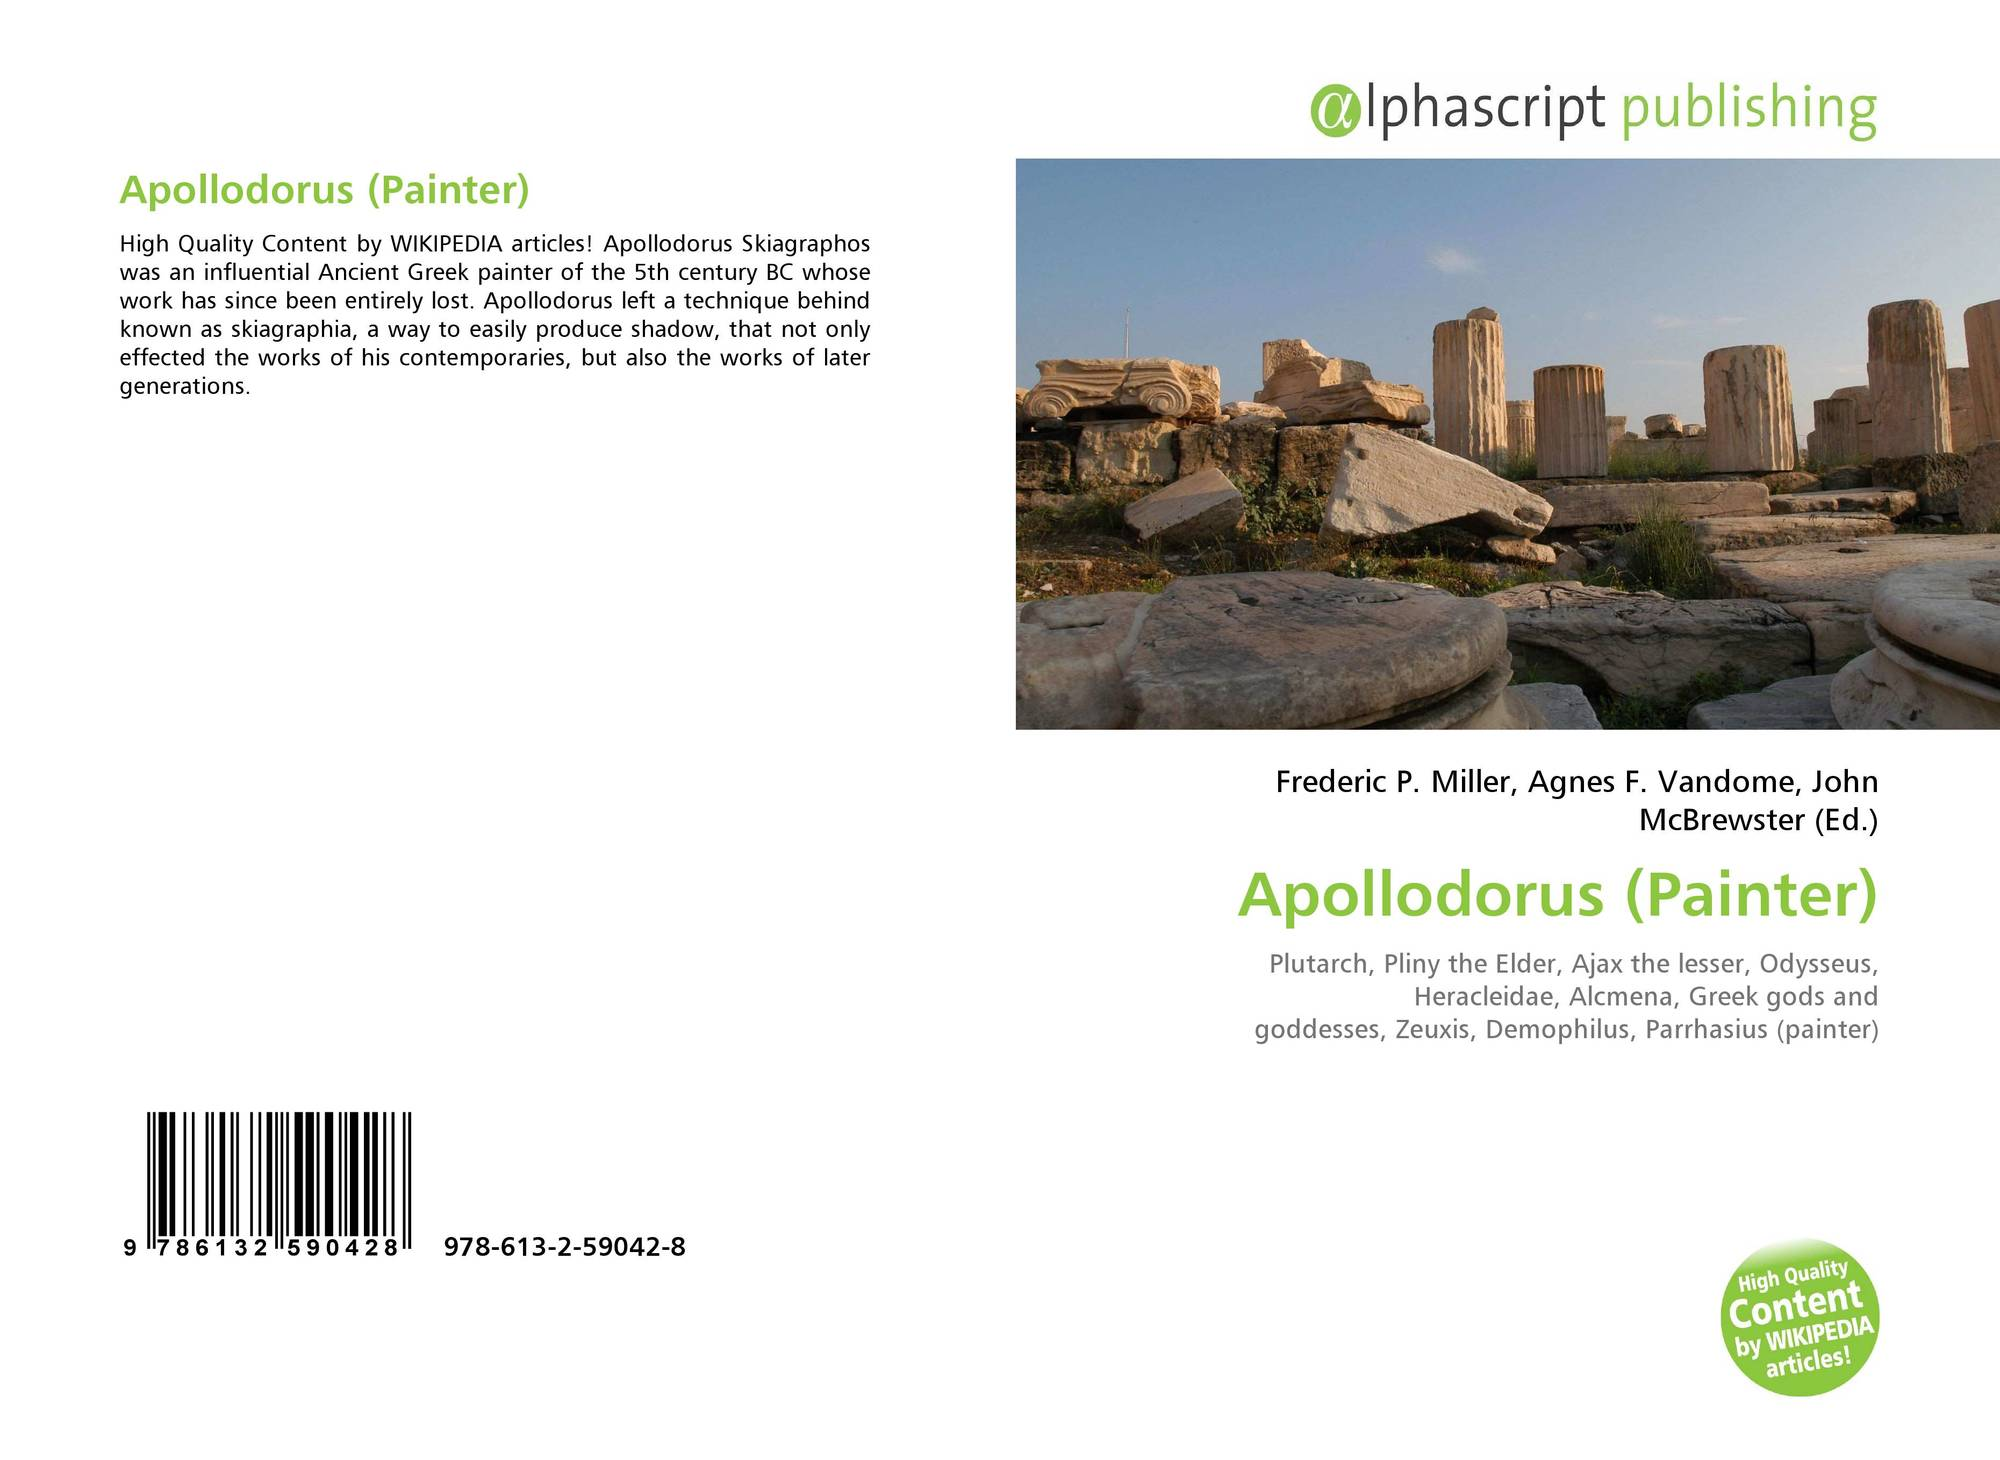 Apollodorus (Painter), 978-613-2-59042-8, 6132590420